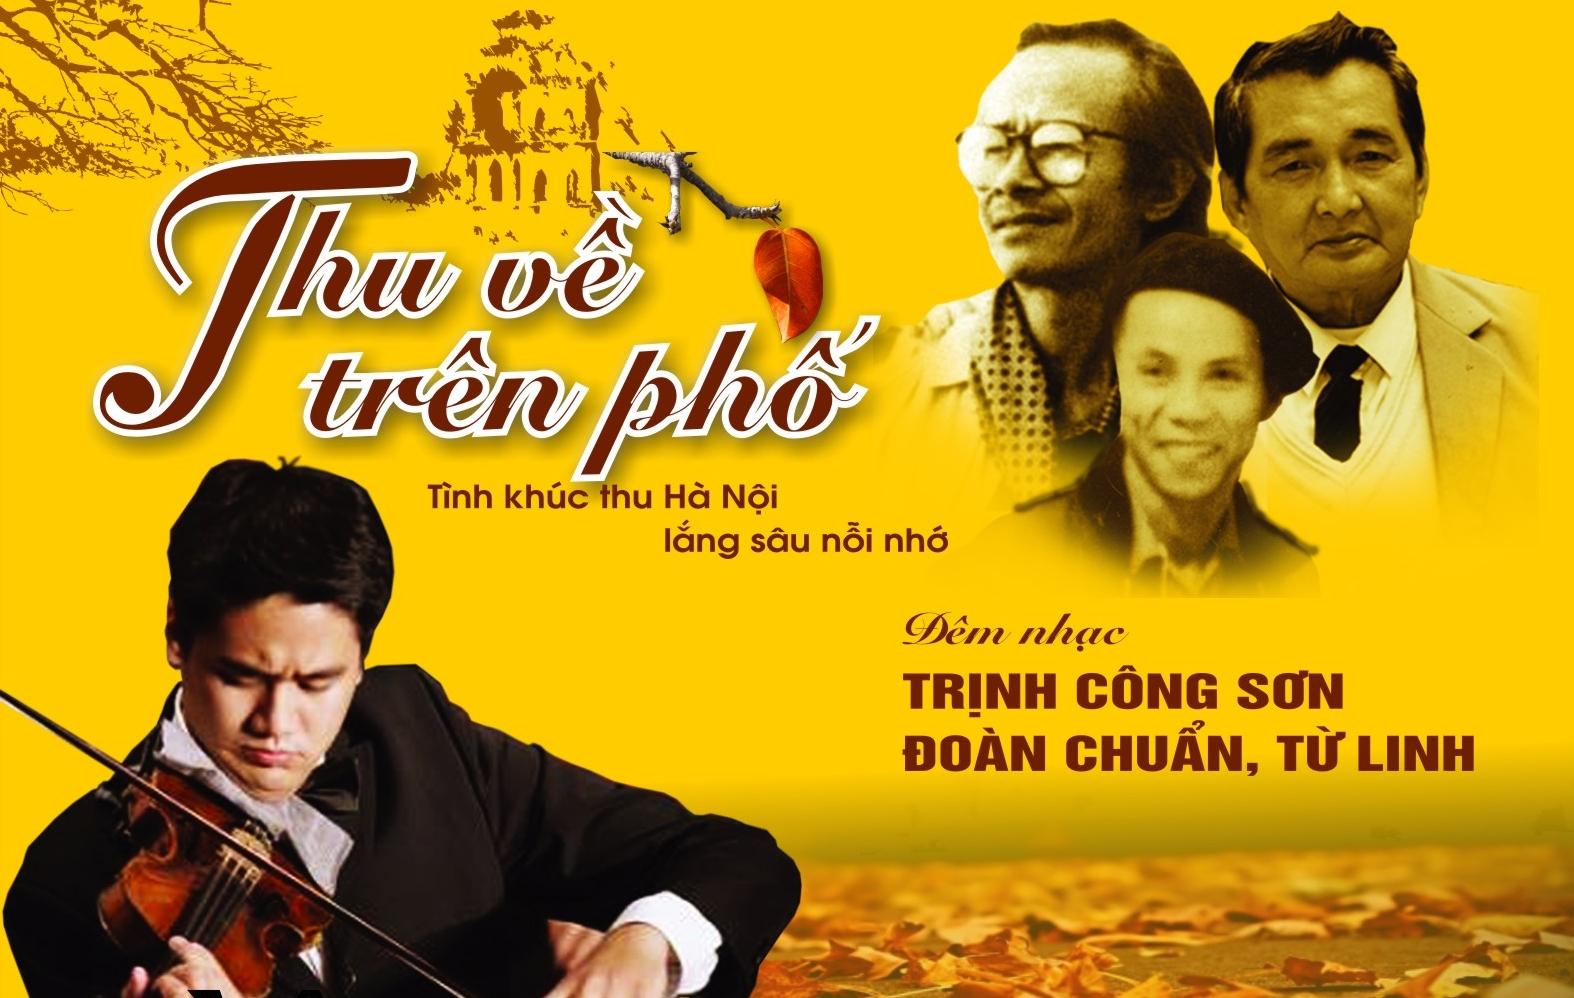 Đi nghe nhạc mùa thu của Trịnh Công Sơn và Đoàn Chuẩn